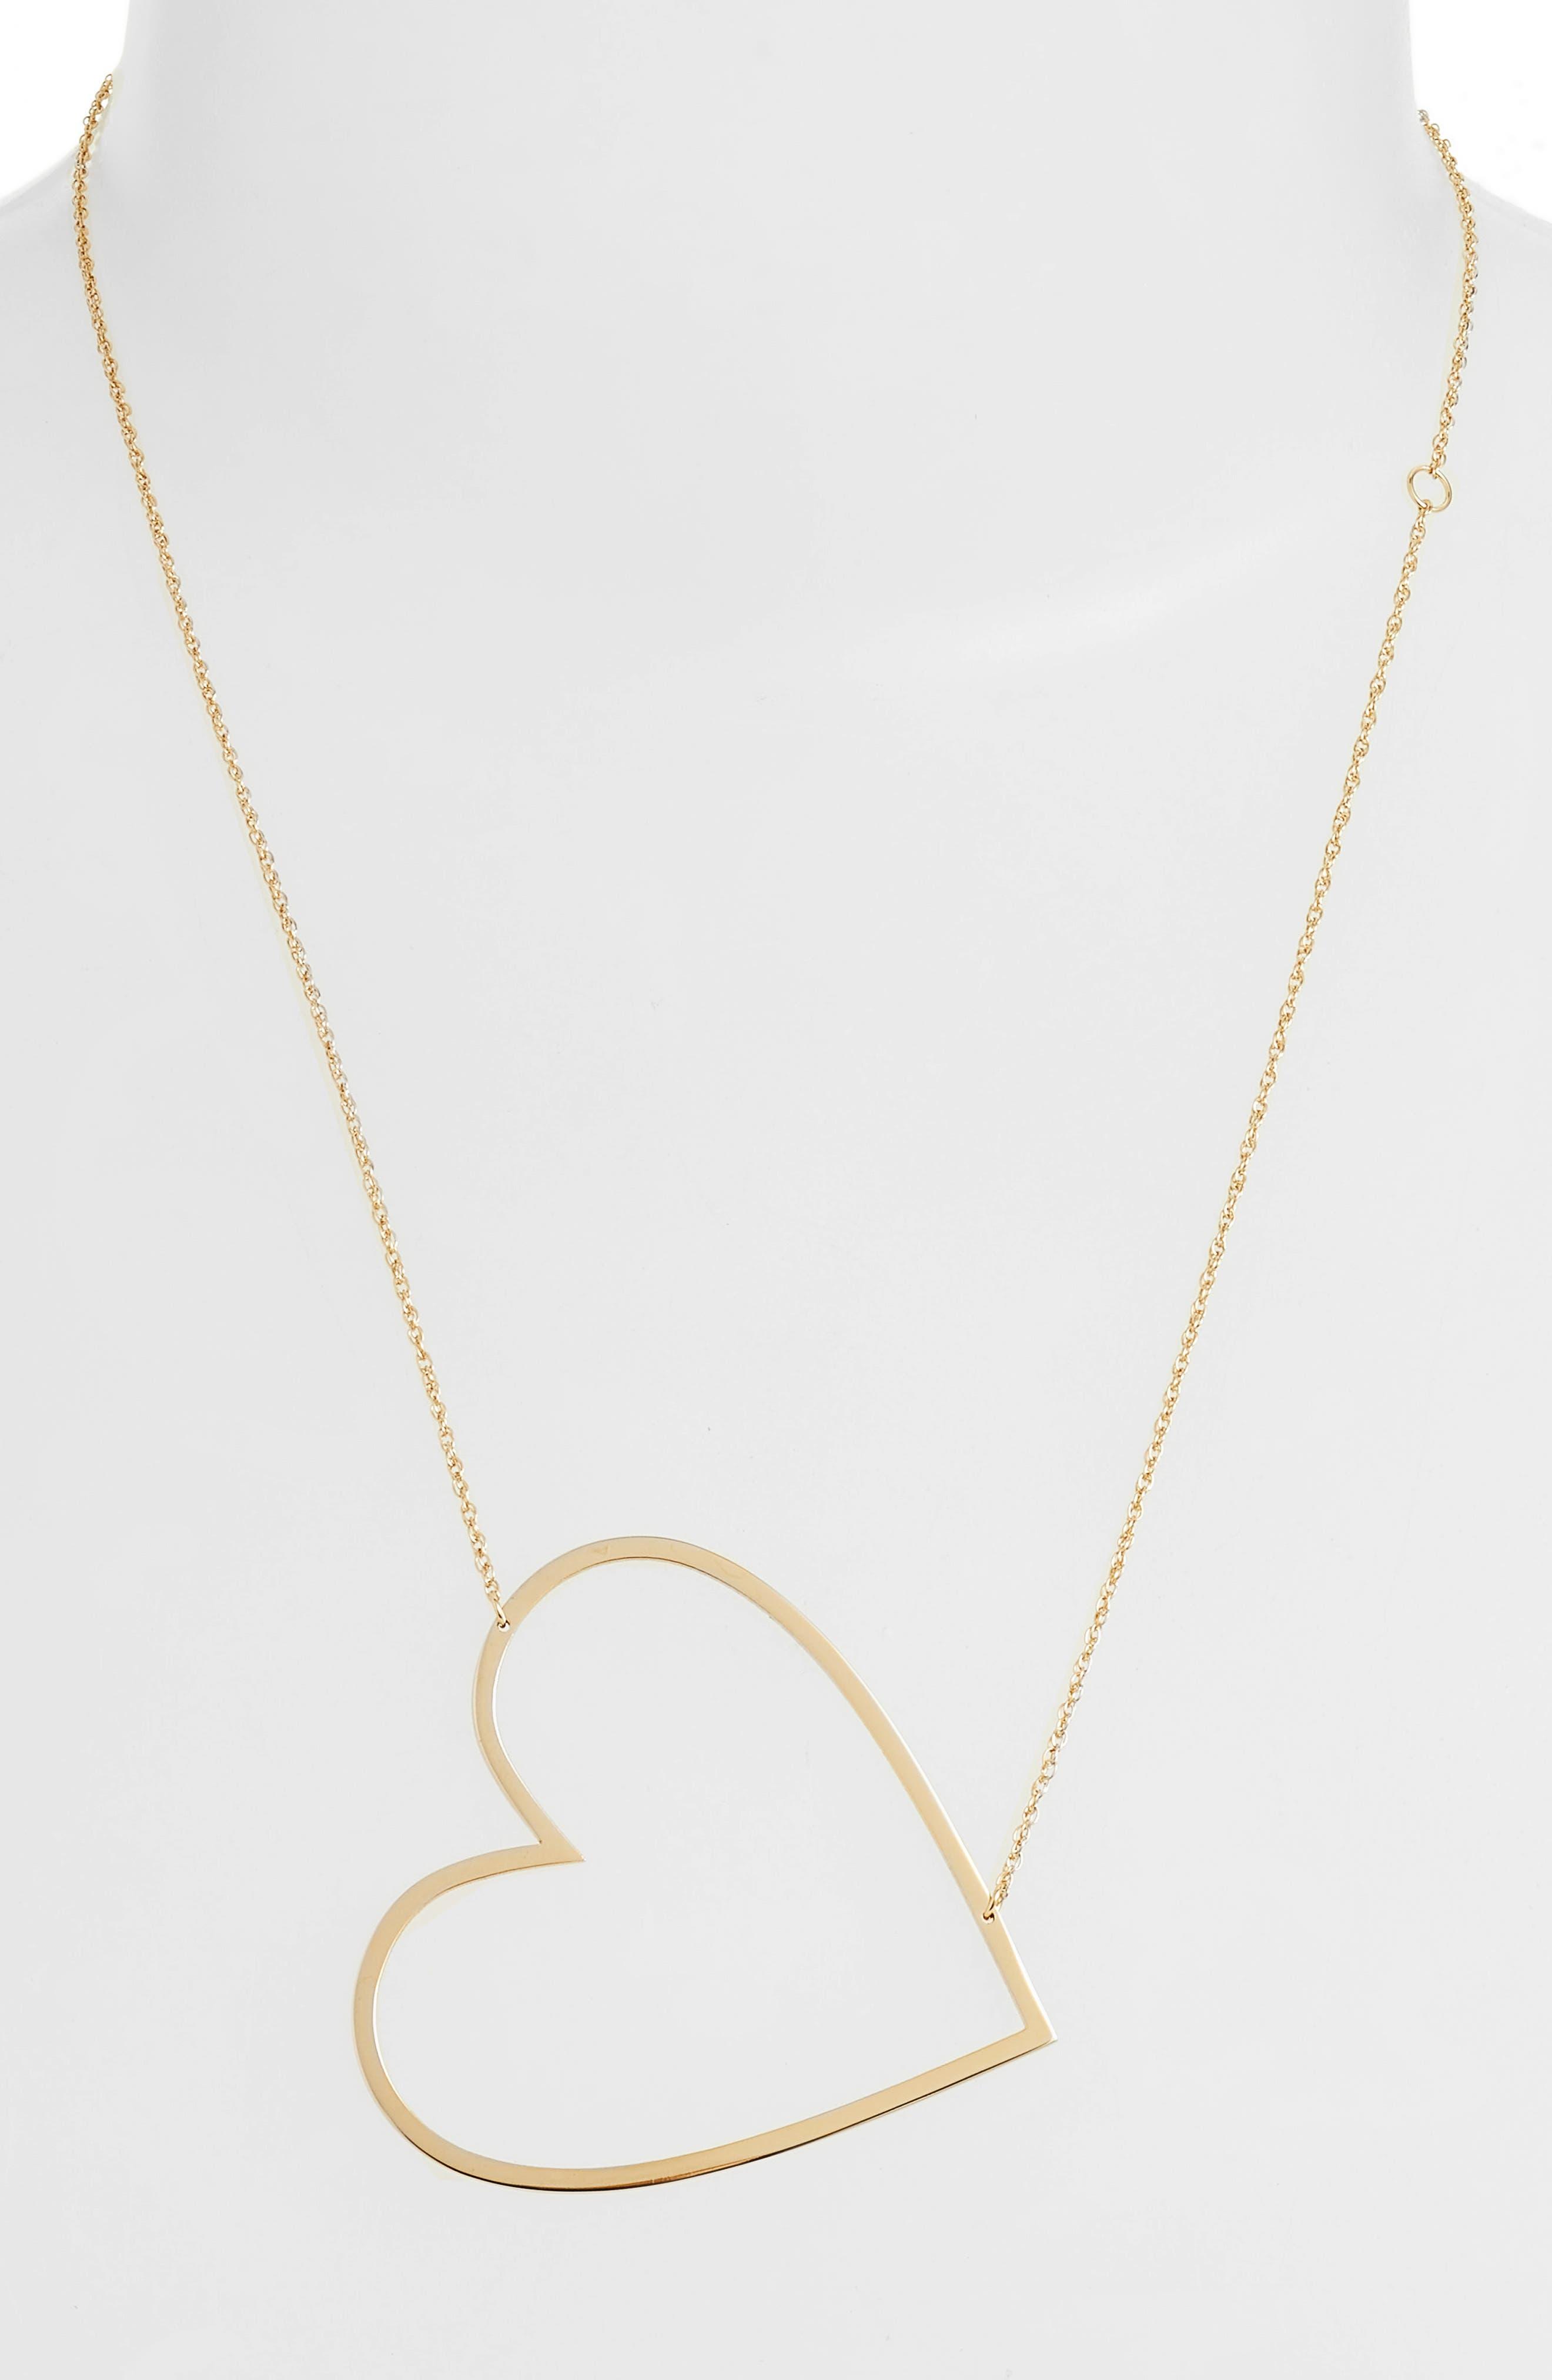 Marissa Heart Pendant Necklace,                             Alternate thumbnail 2, color,                             Yellow Vermeil